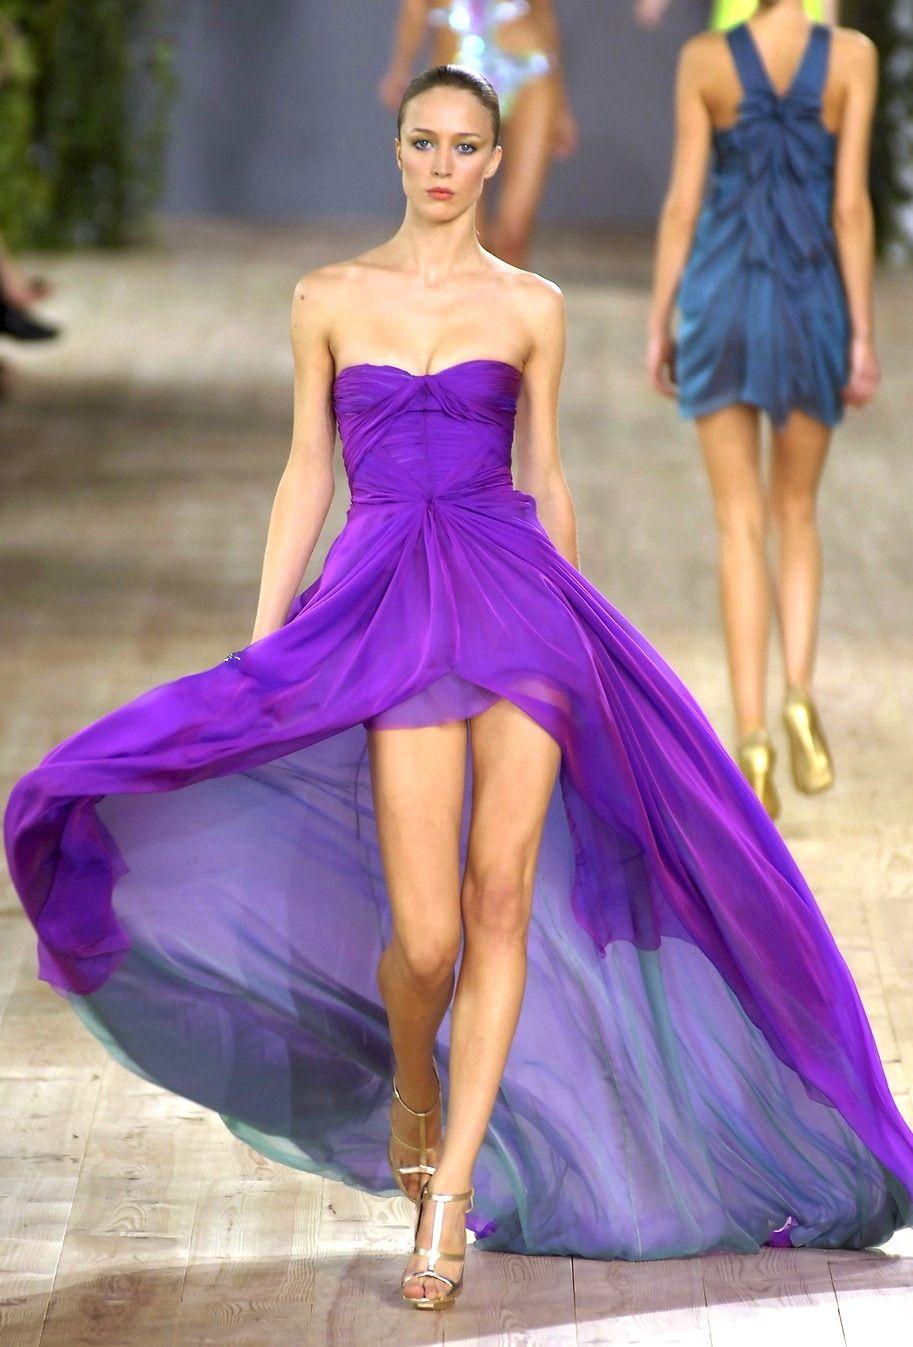 Pin de Pili Cardenas en outfits | Pinterest | Vestidos damas de ...